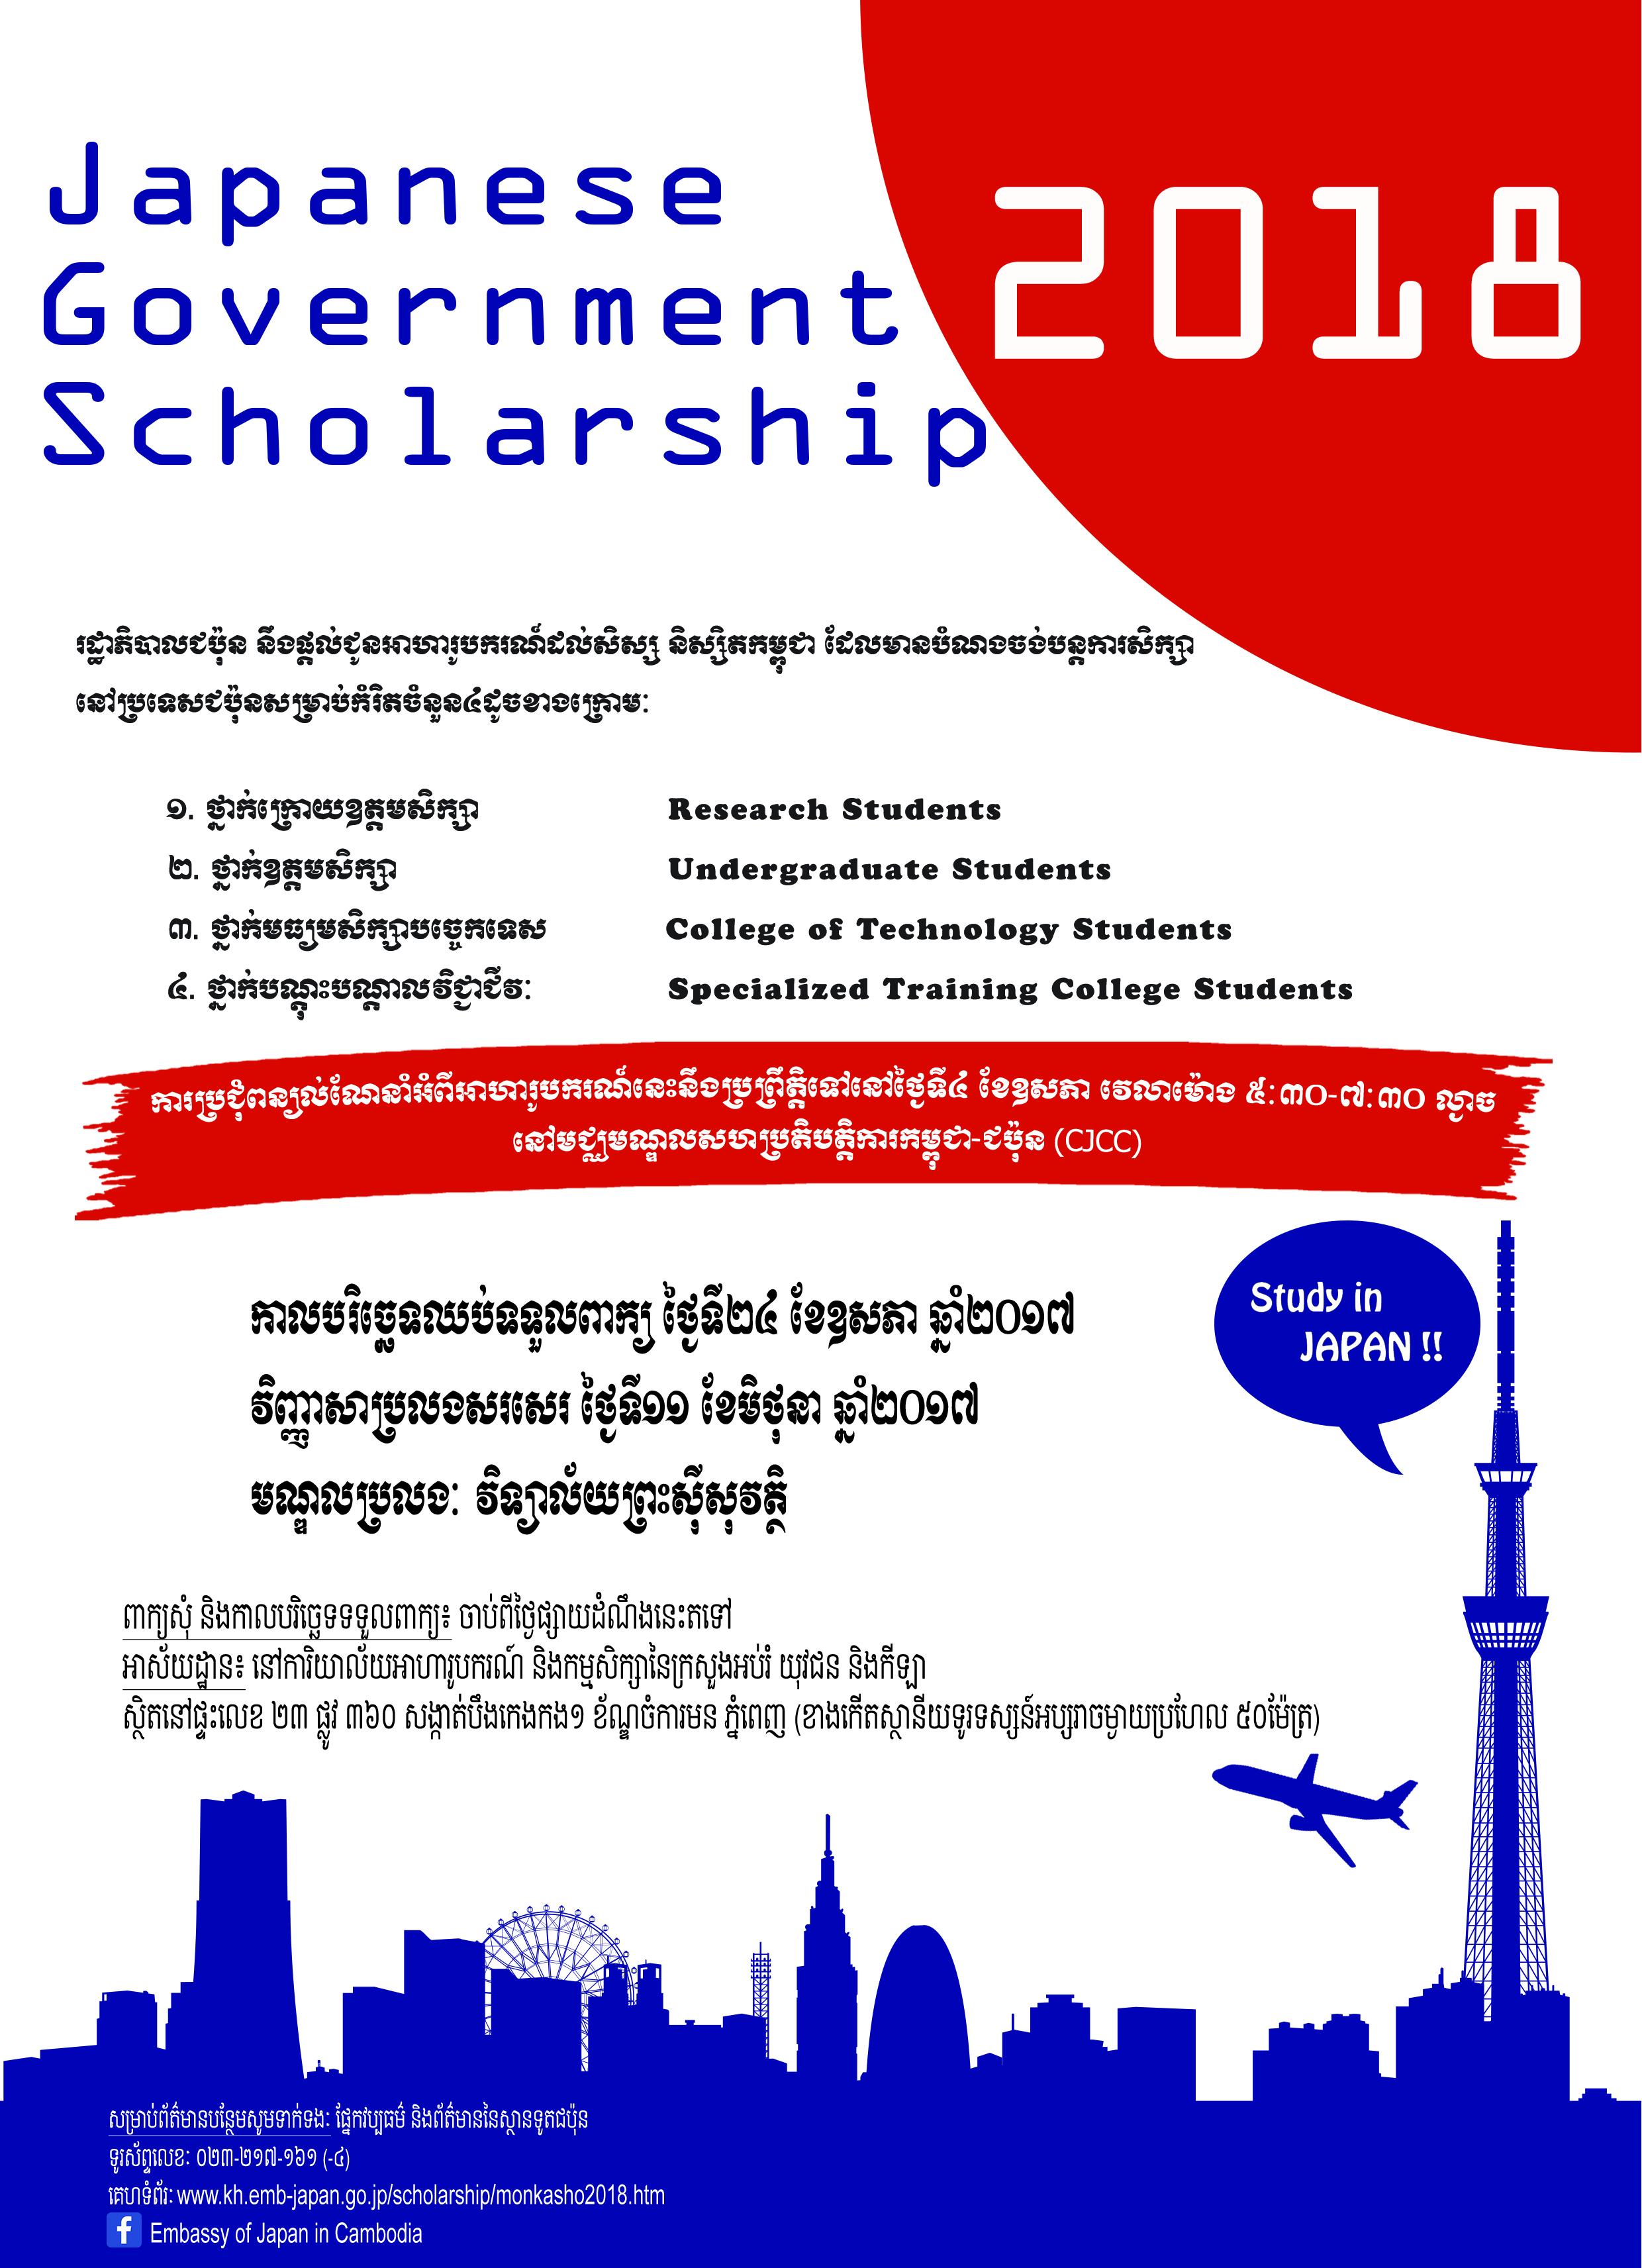 2018 MONBUKAGAKUSHO Scholarships